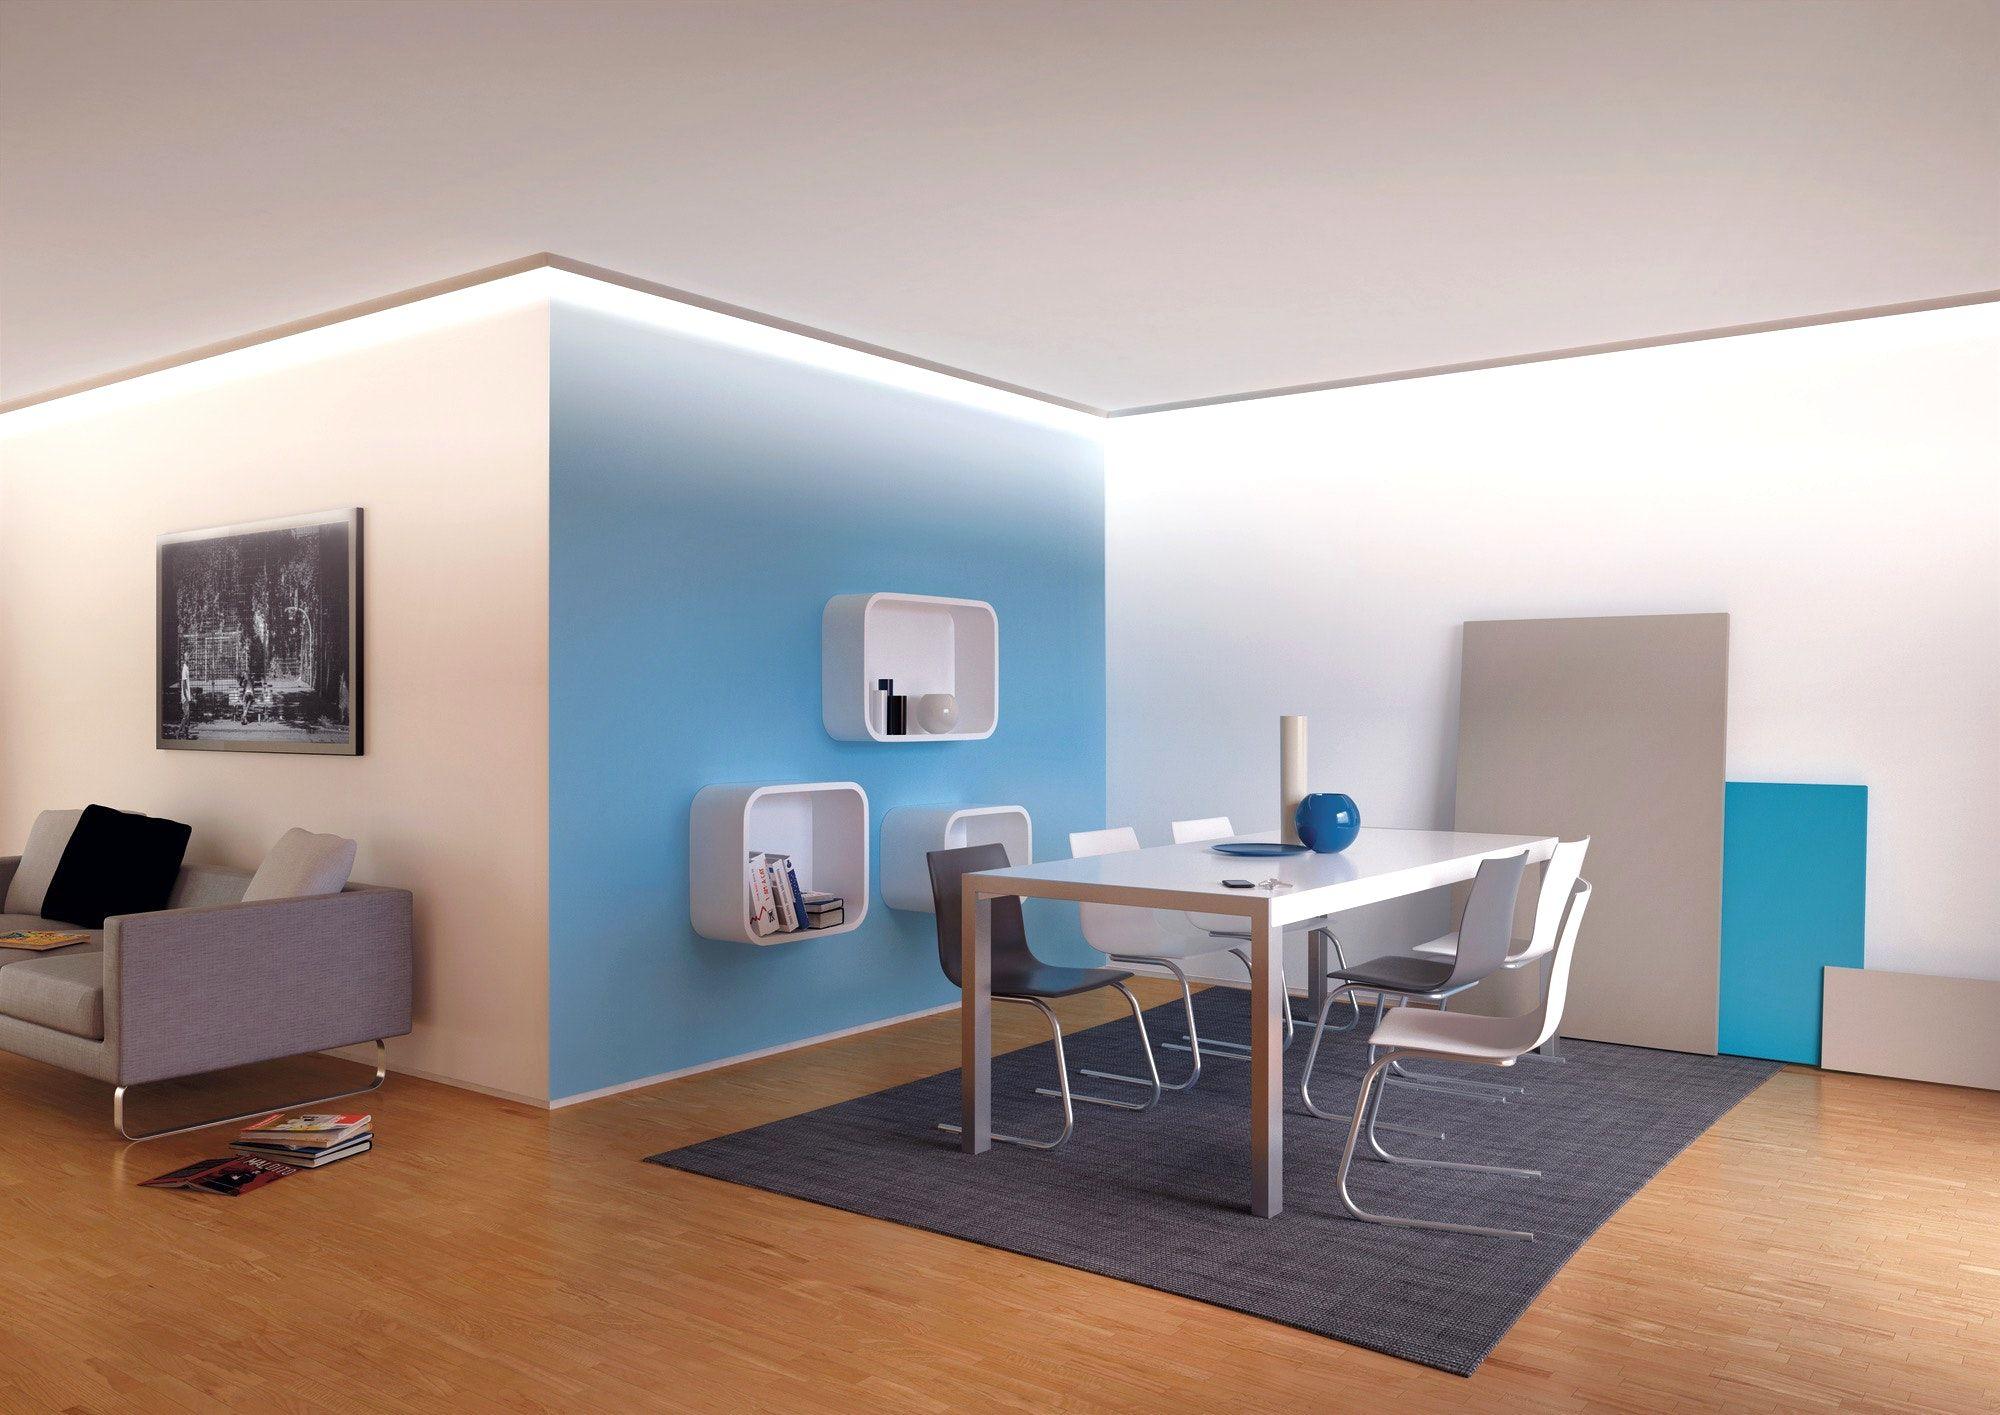 Deckenbeleuchtung Wohnzimmer Planen Beleuchtung Wohnzimmer Decke Led Beleuchtung Wohnzimmer Beleuchtung Wohnzimmer